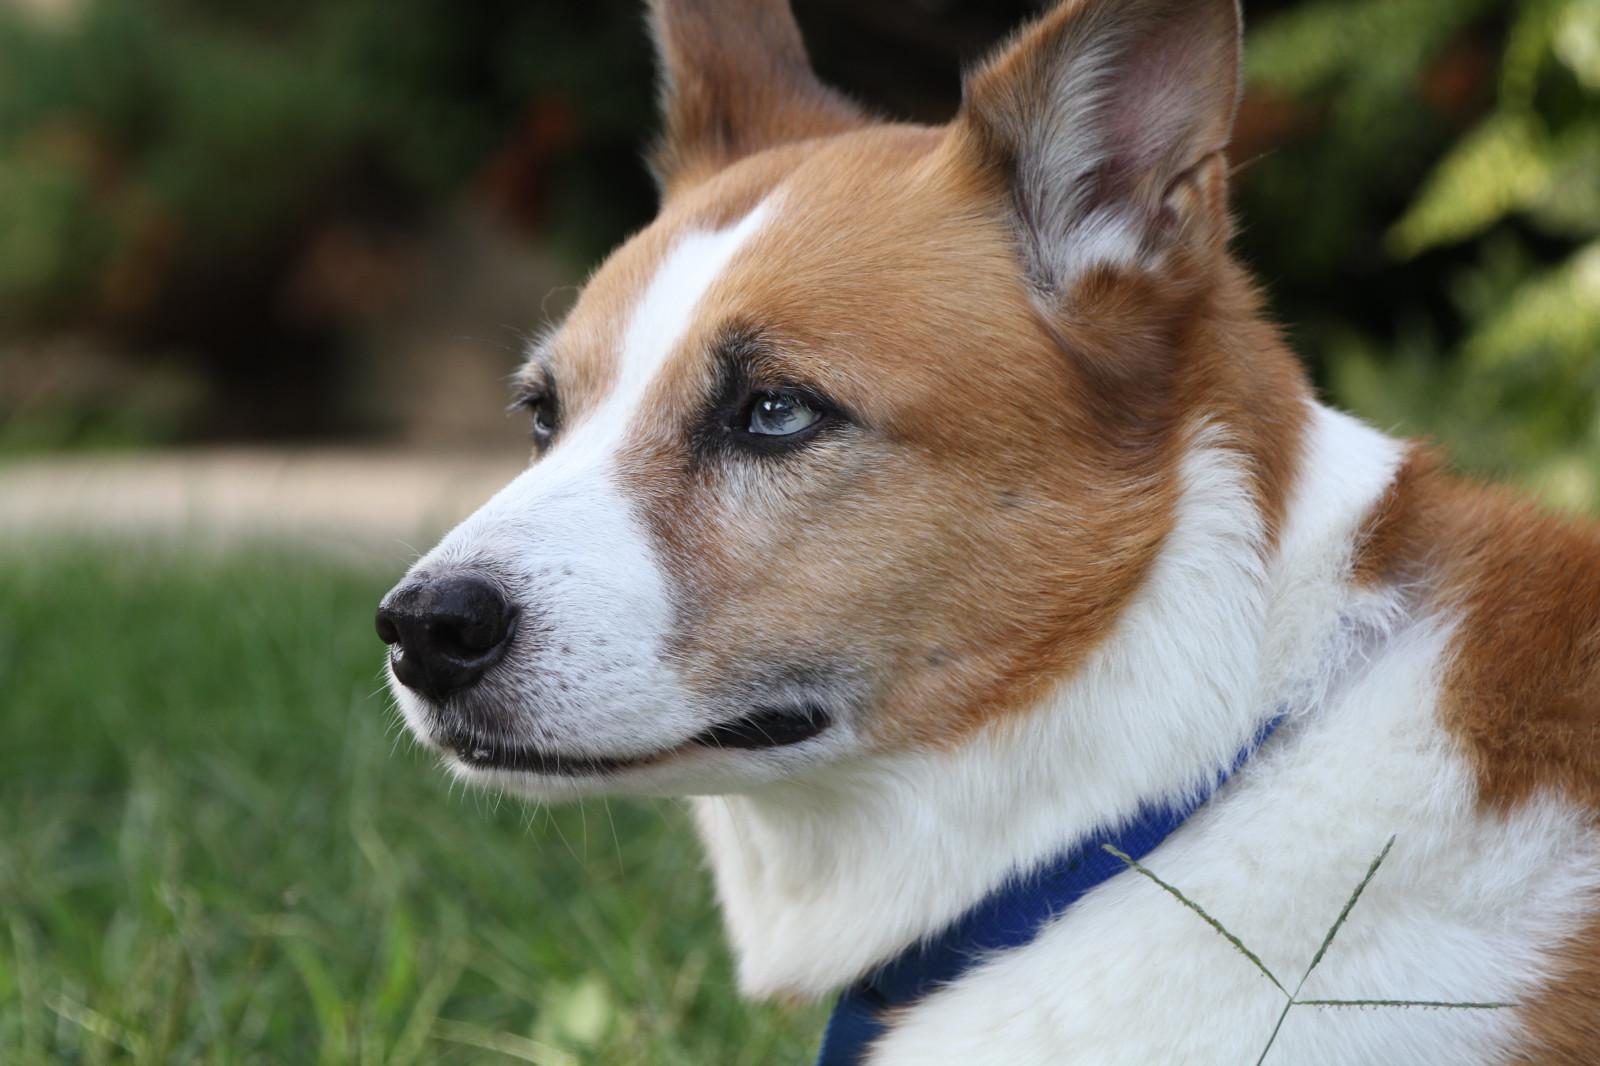 Sfondi Cane Di Razza Gruppo Razza Del Cane Cane Come Mammifero